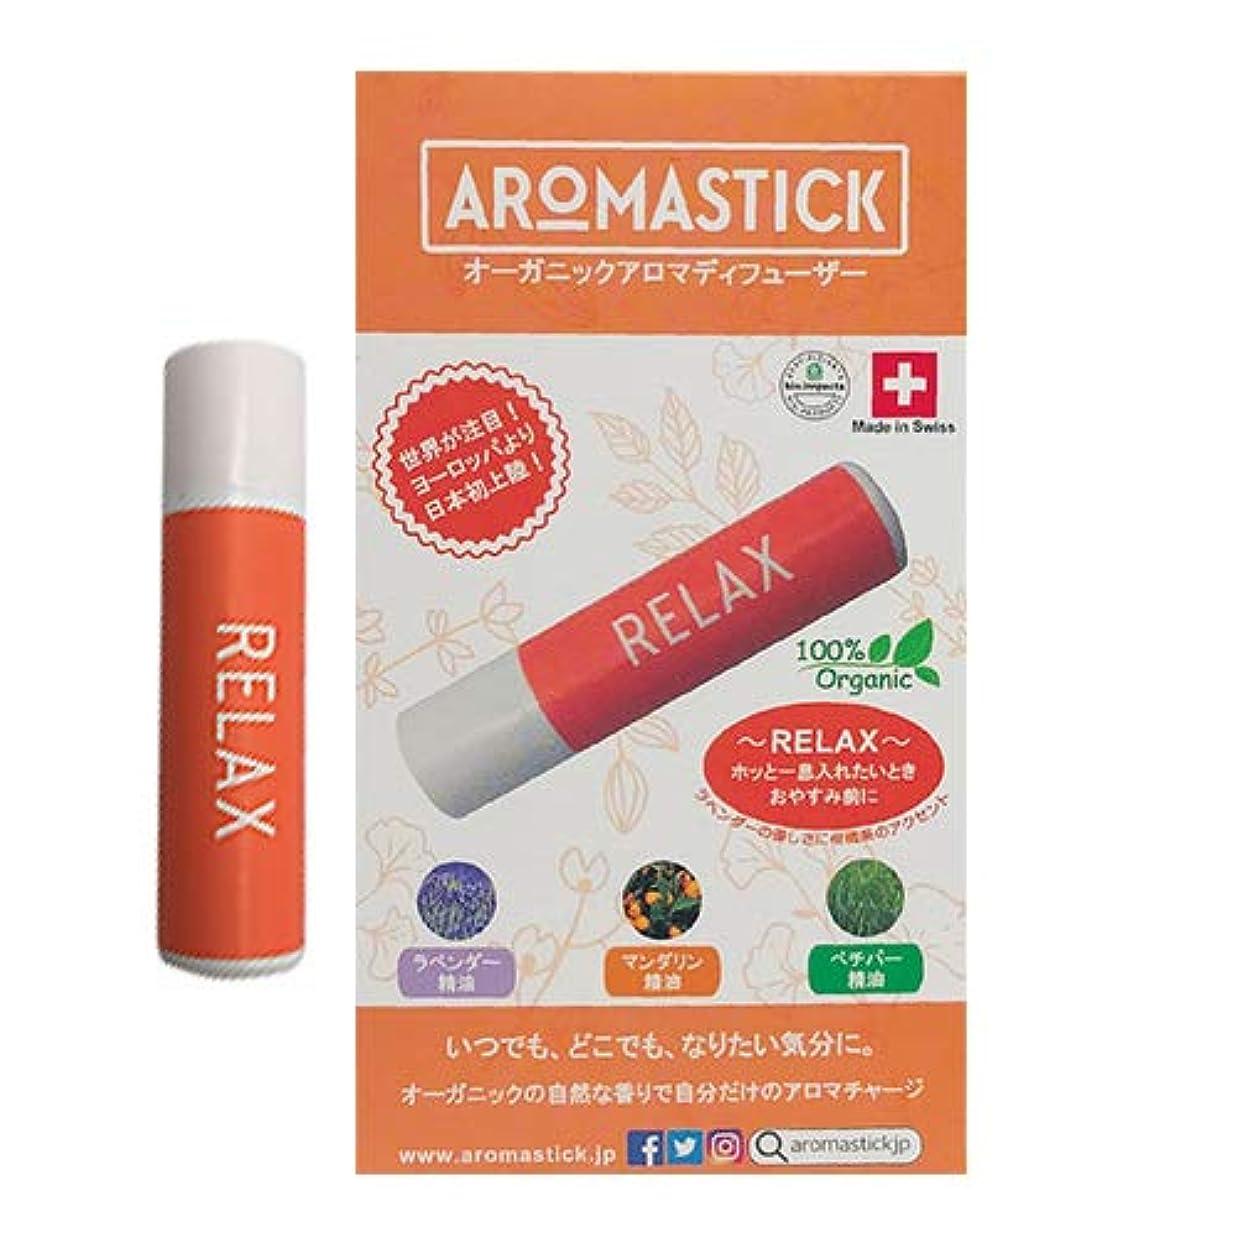 皮肉な棚スポーツをするオーガニックアロマディフューザー アロマスティック(aromastick) リラックス [RELAX]